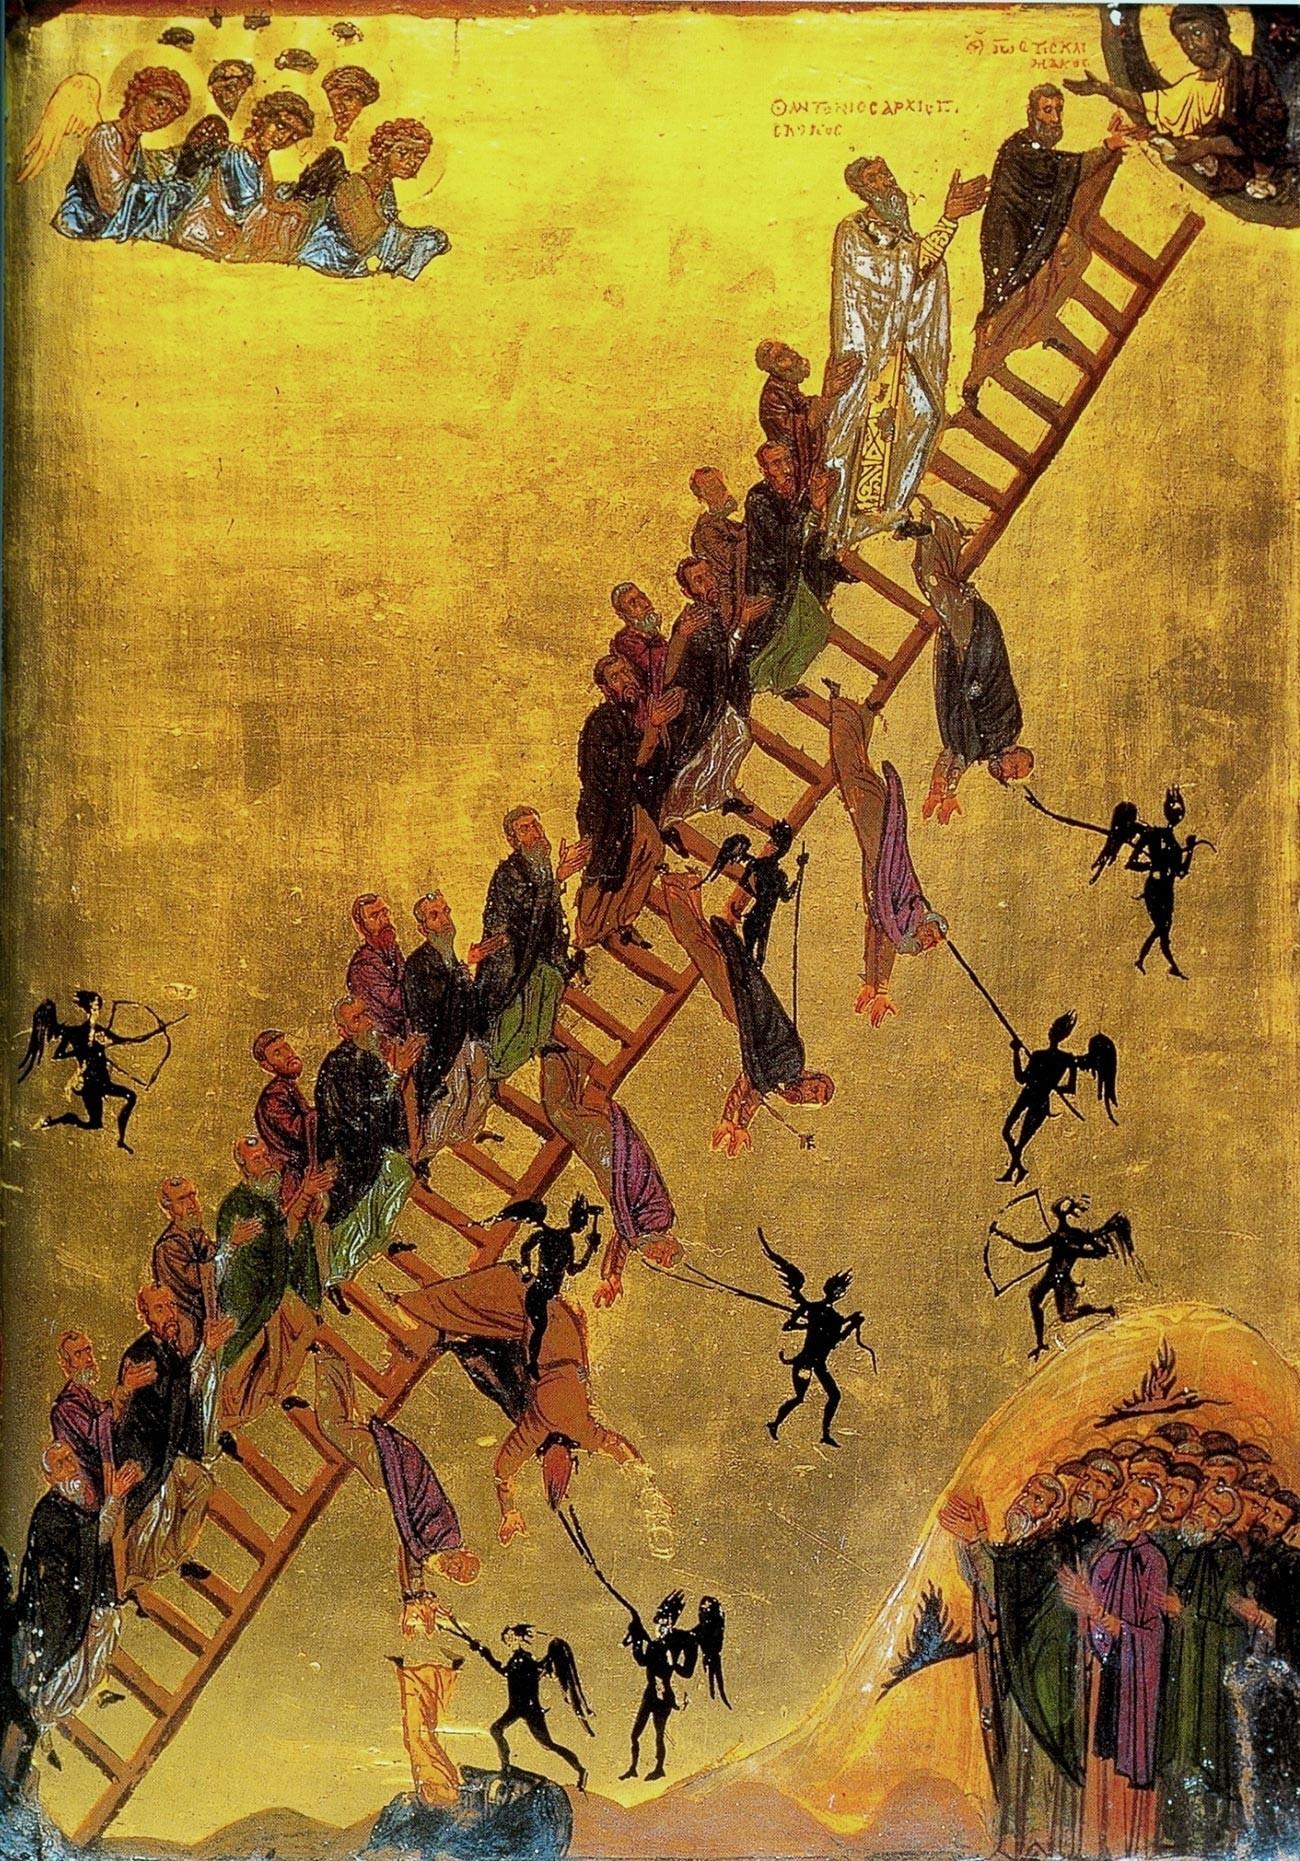 Ikona Lestve božanskega vzpona iz 12. stoletja (samostan svete Katarine na Sinajskem polotoku, Egipt) prikazuje menihe na čelu z Janezom Klimakom, ki se dvigajo po lestvi do Jezusa, ki je zgoraj desno.